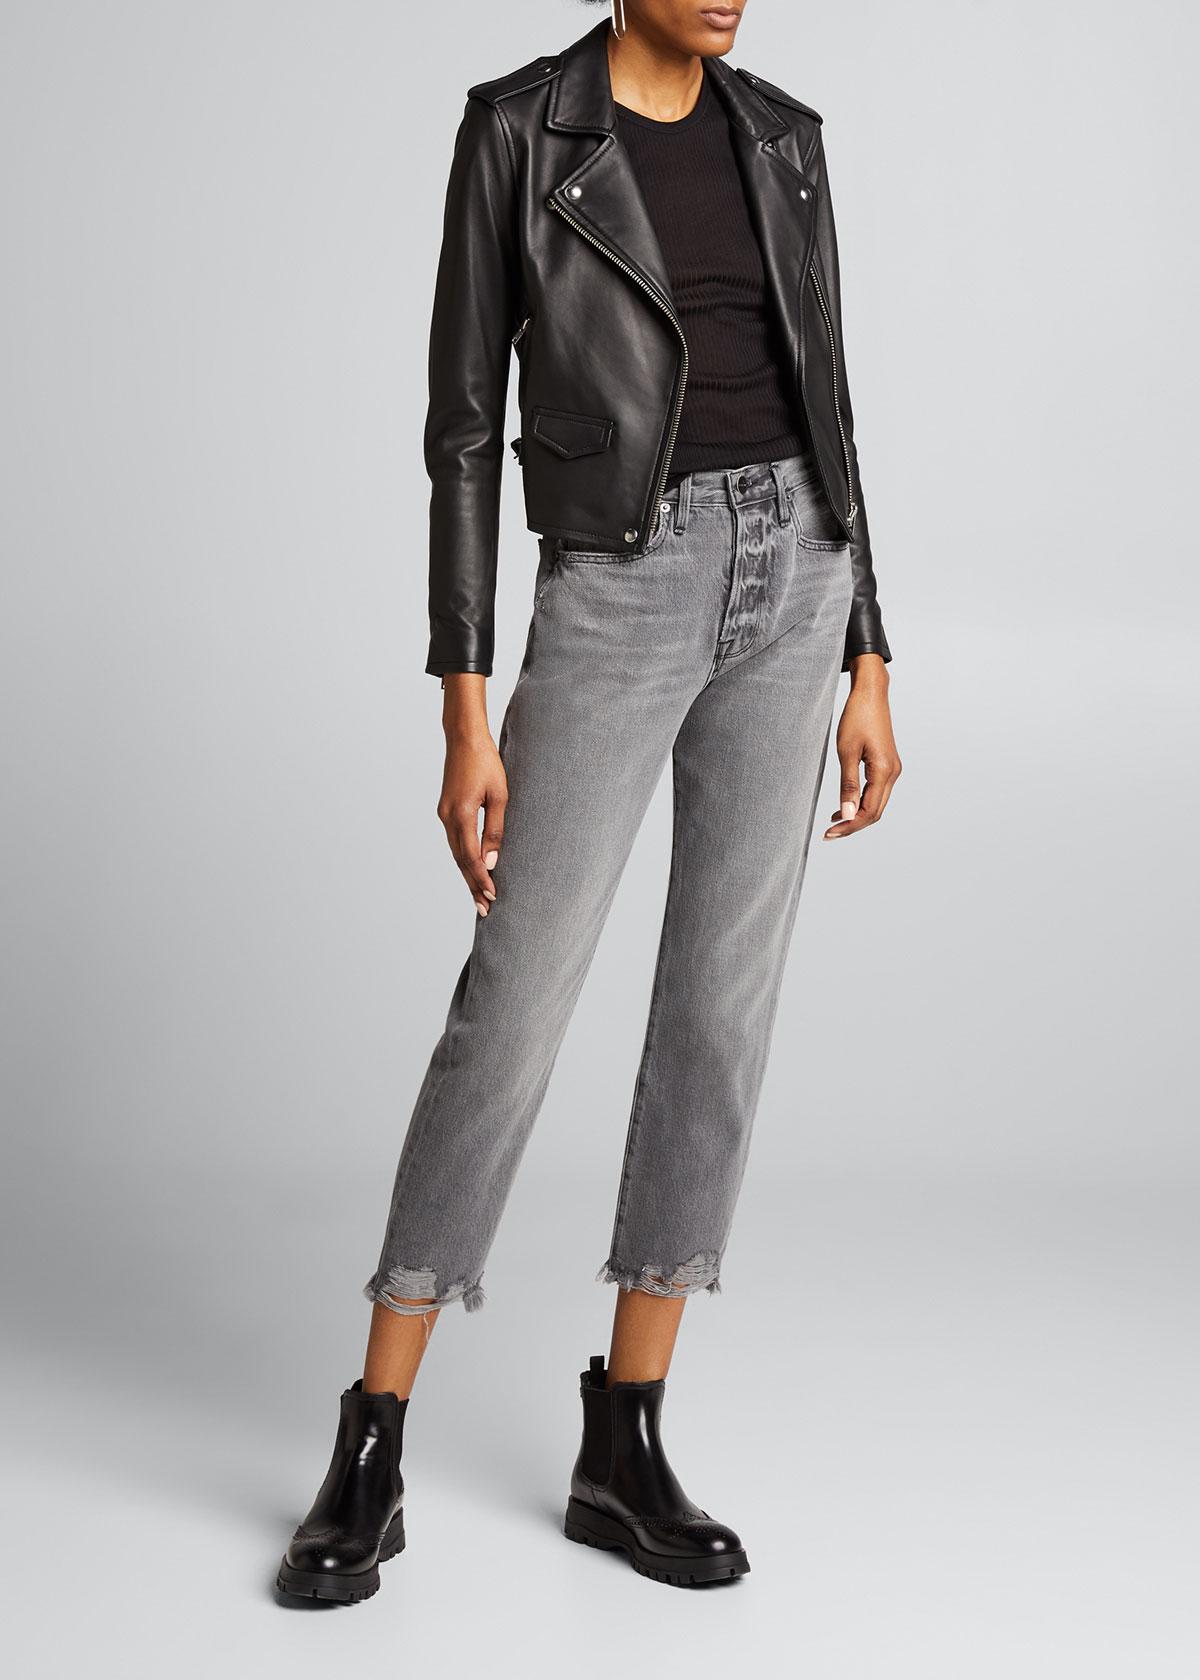 Iro Jackets Ashville Cropped Leather Jacket, BLACK